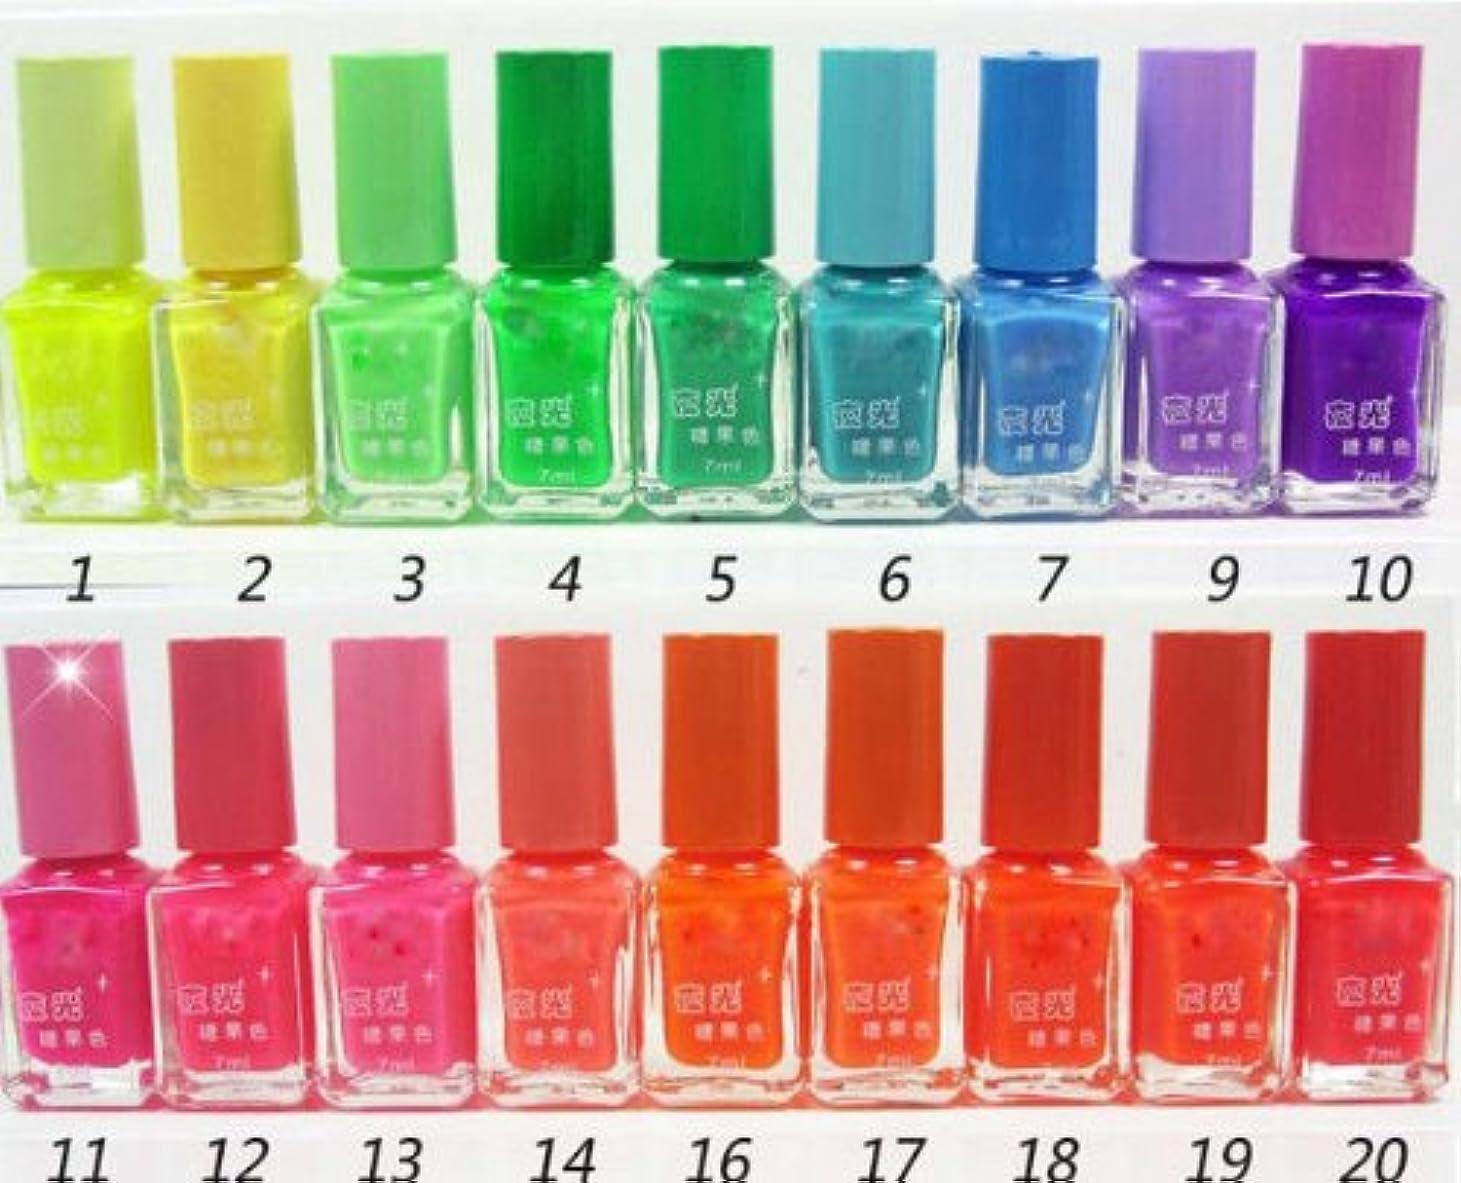 ハムメアリアンジョーンズ注入1色1本のプロ7ミリリットル蛍光ネオンネイルアートポリッシュグローダークマニキュア液20色 (BK10)